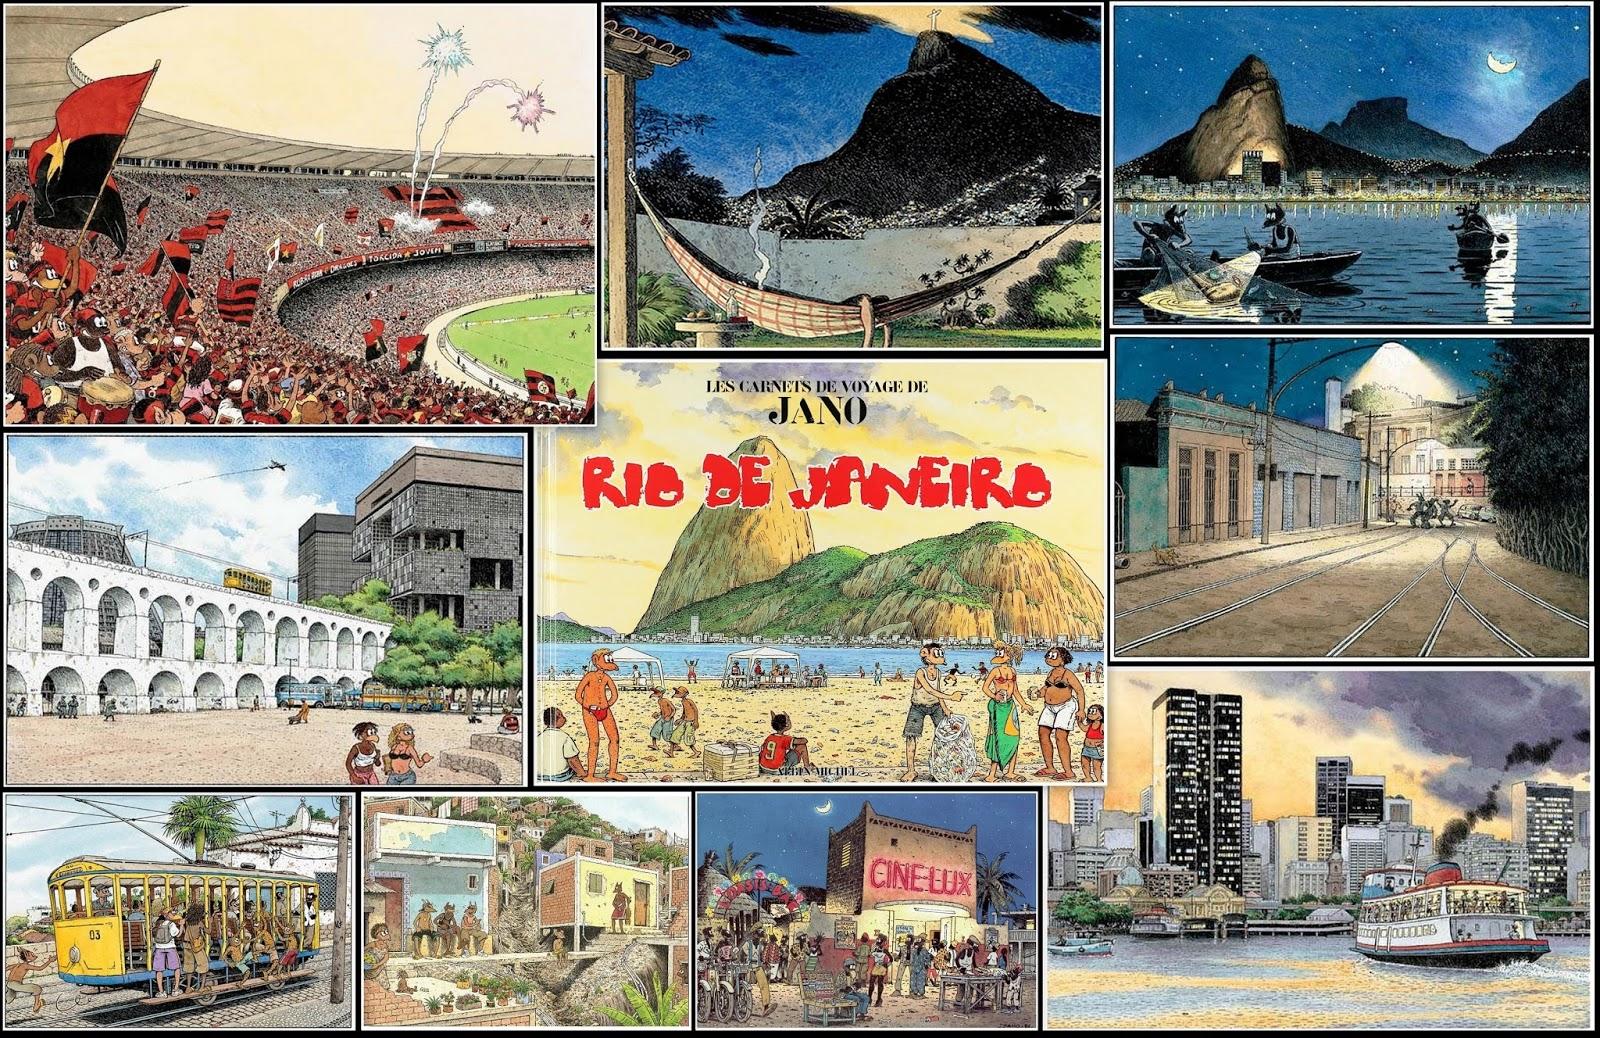 Rio de Janeiro, guide de voyage